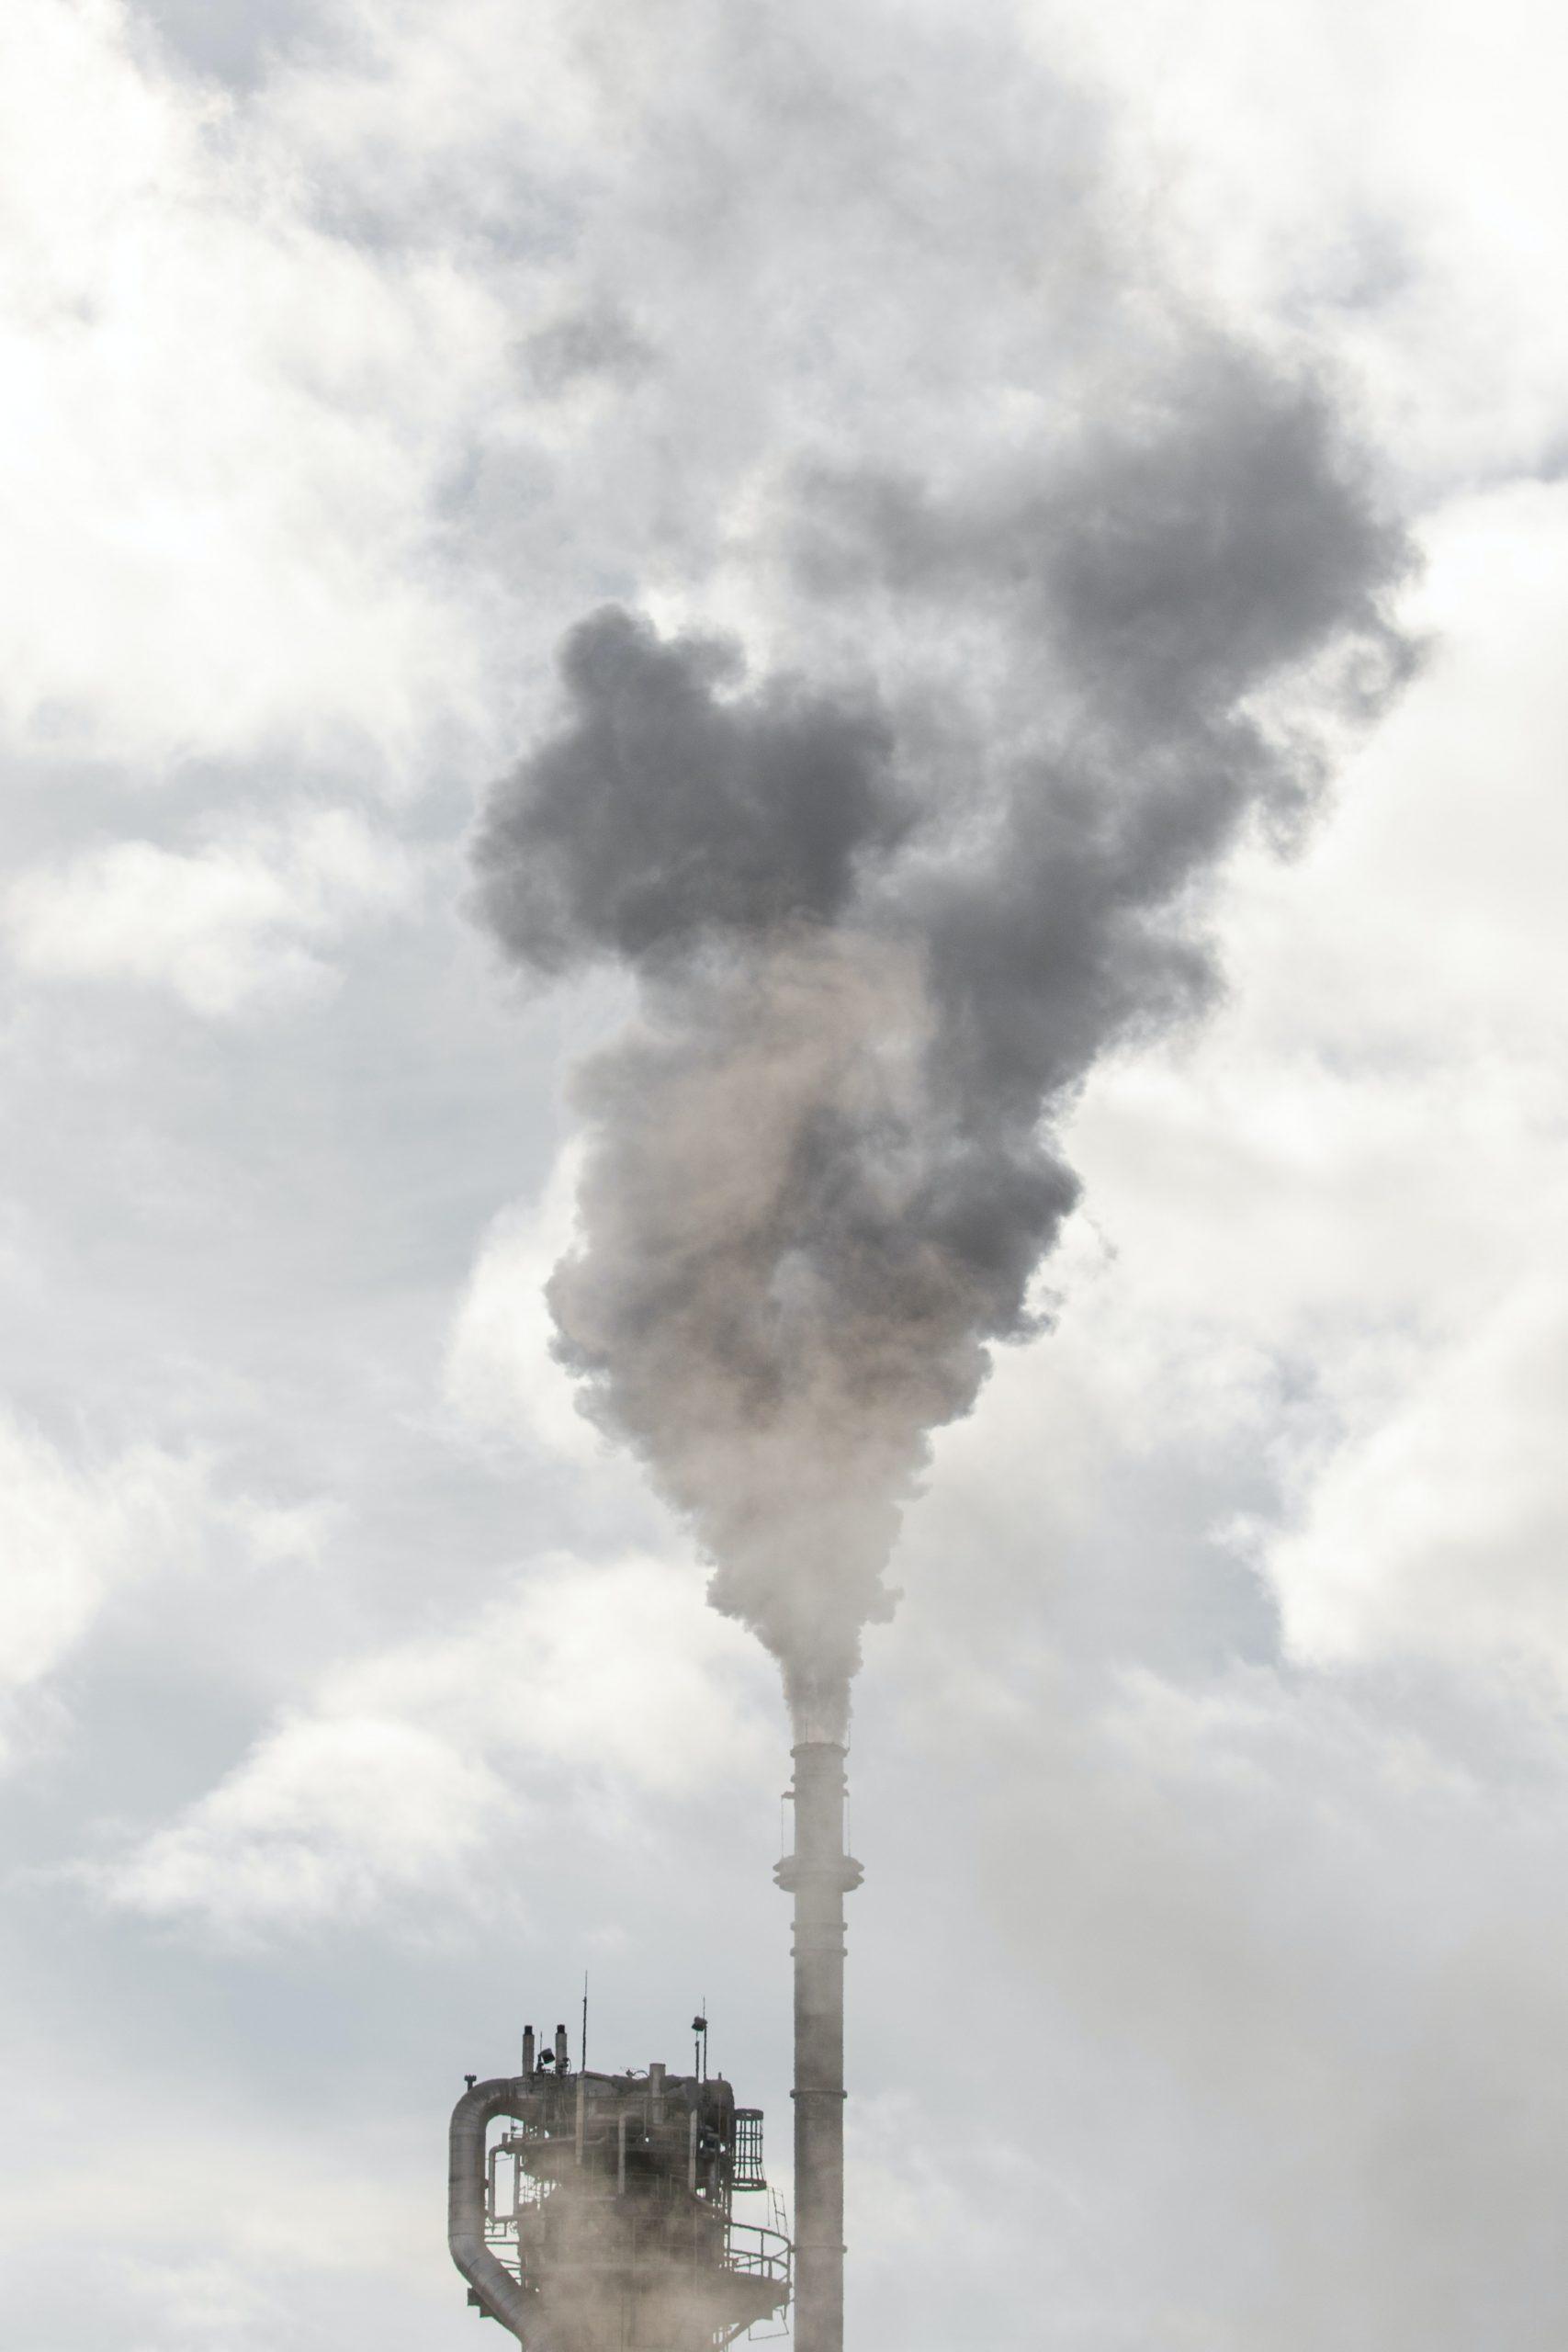 ALINEAR LOS COMPROMISOS NACIONALES DE CAMBIO CLIMÁTICO CON LOS ESFUERZOS GLOBALES